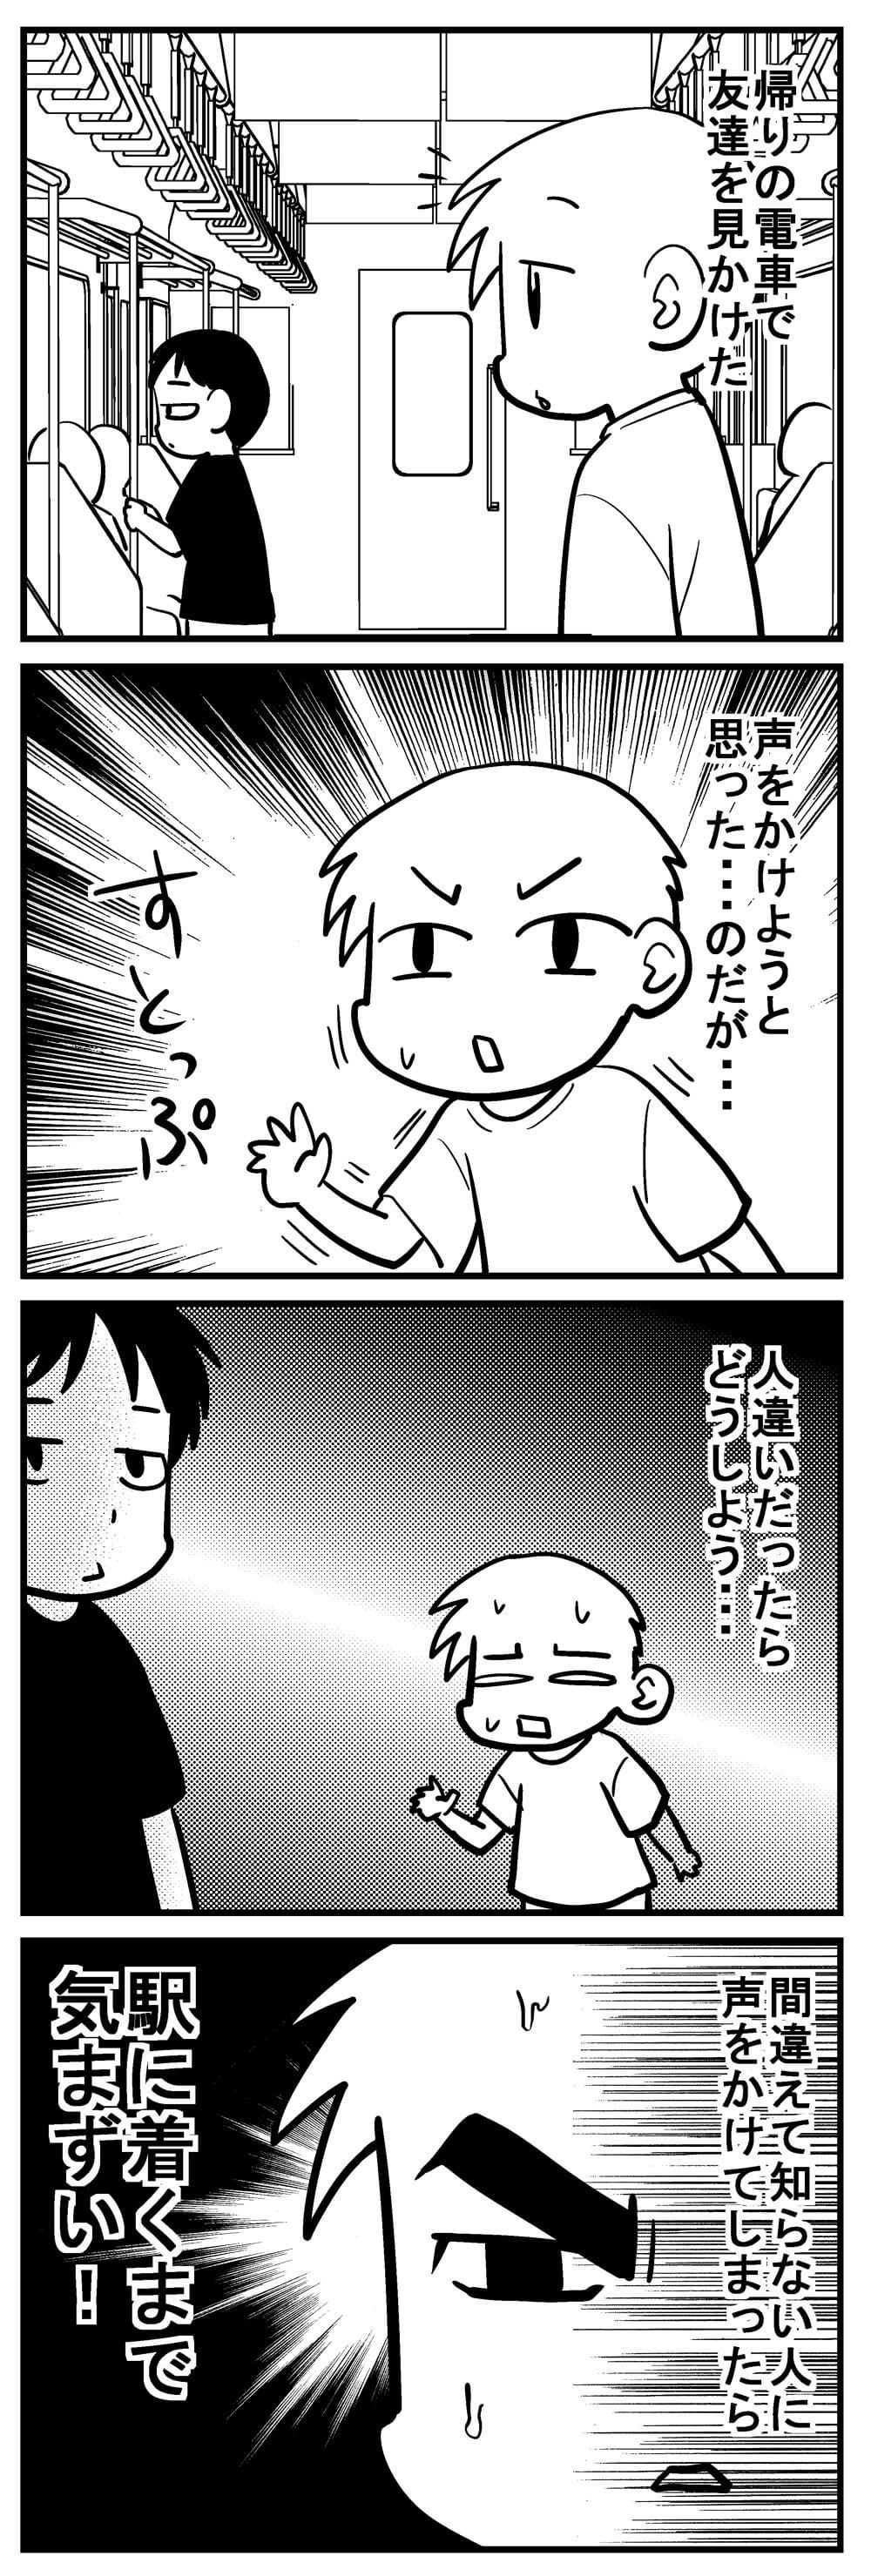 深読みくん156-1